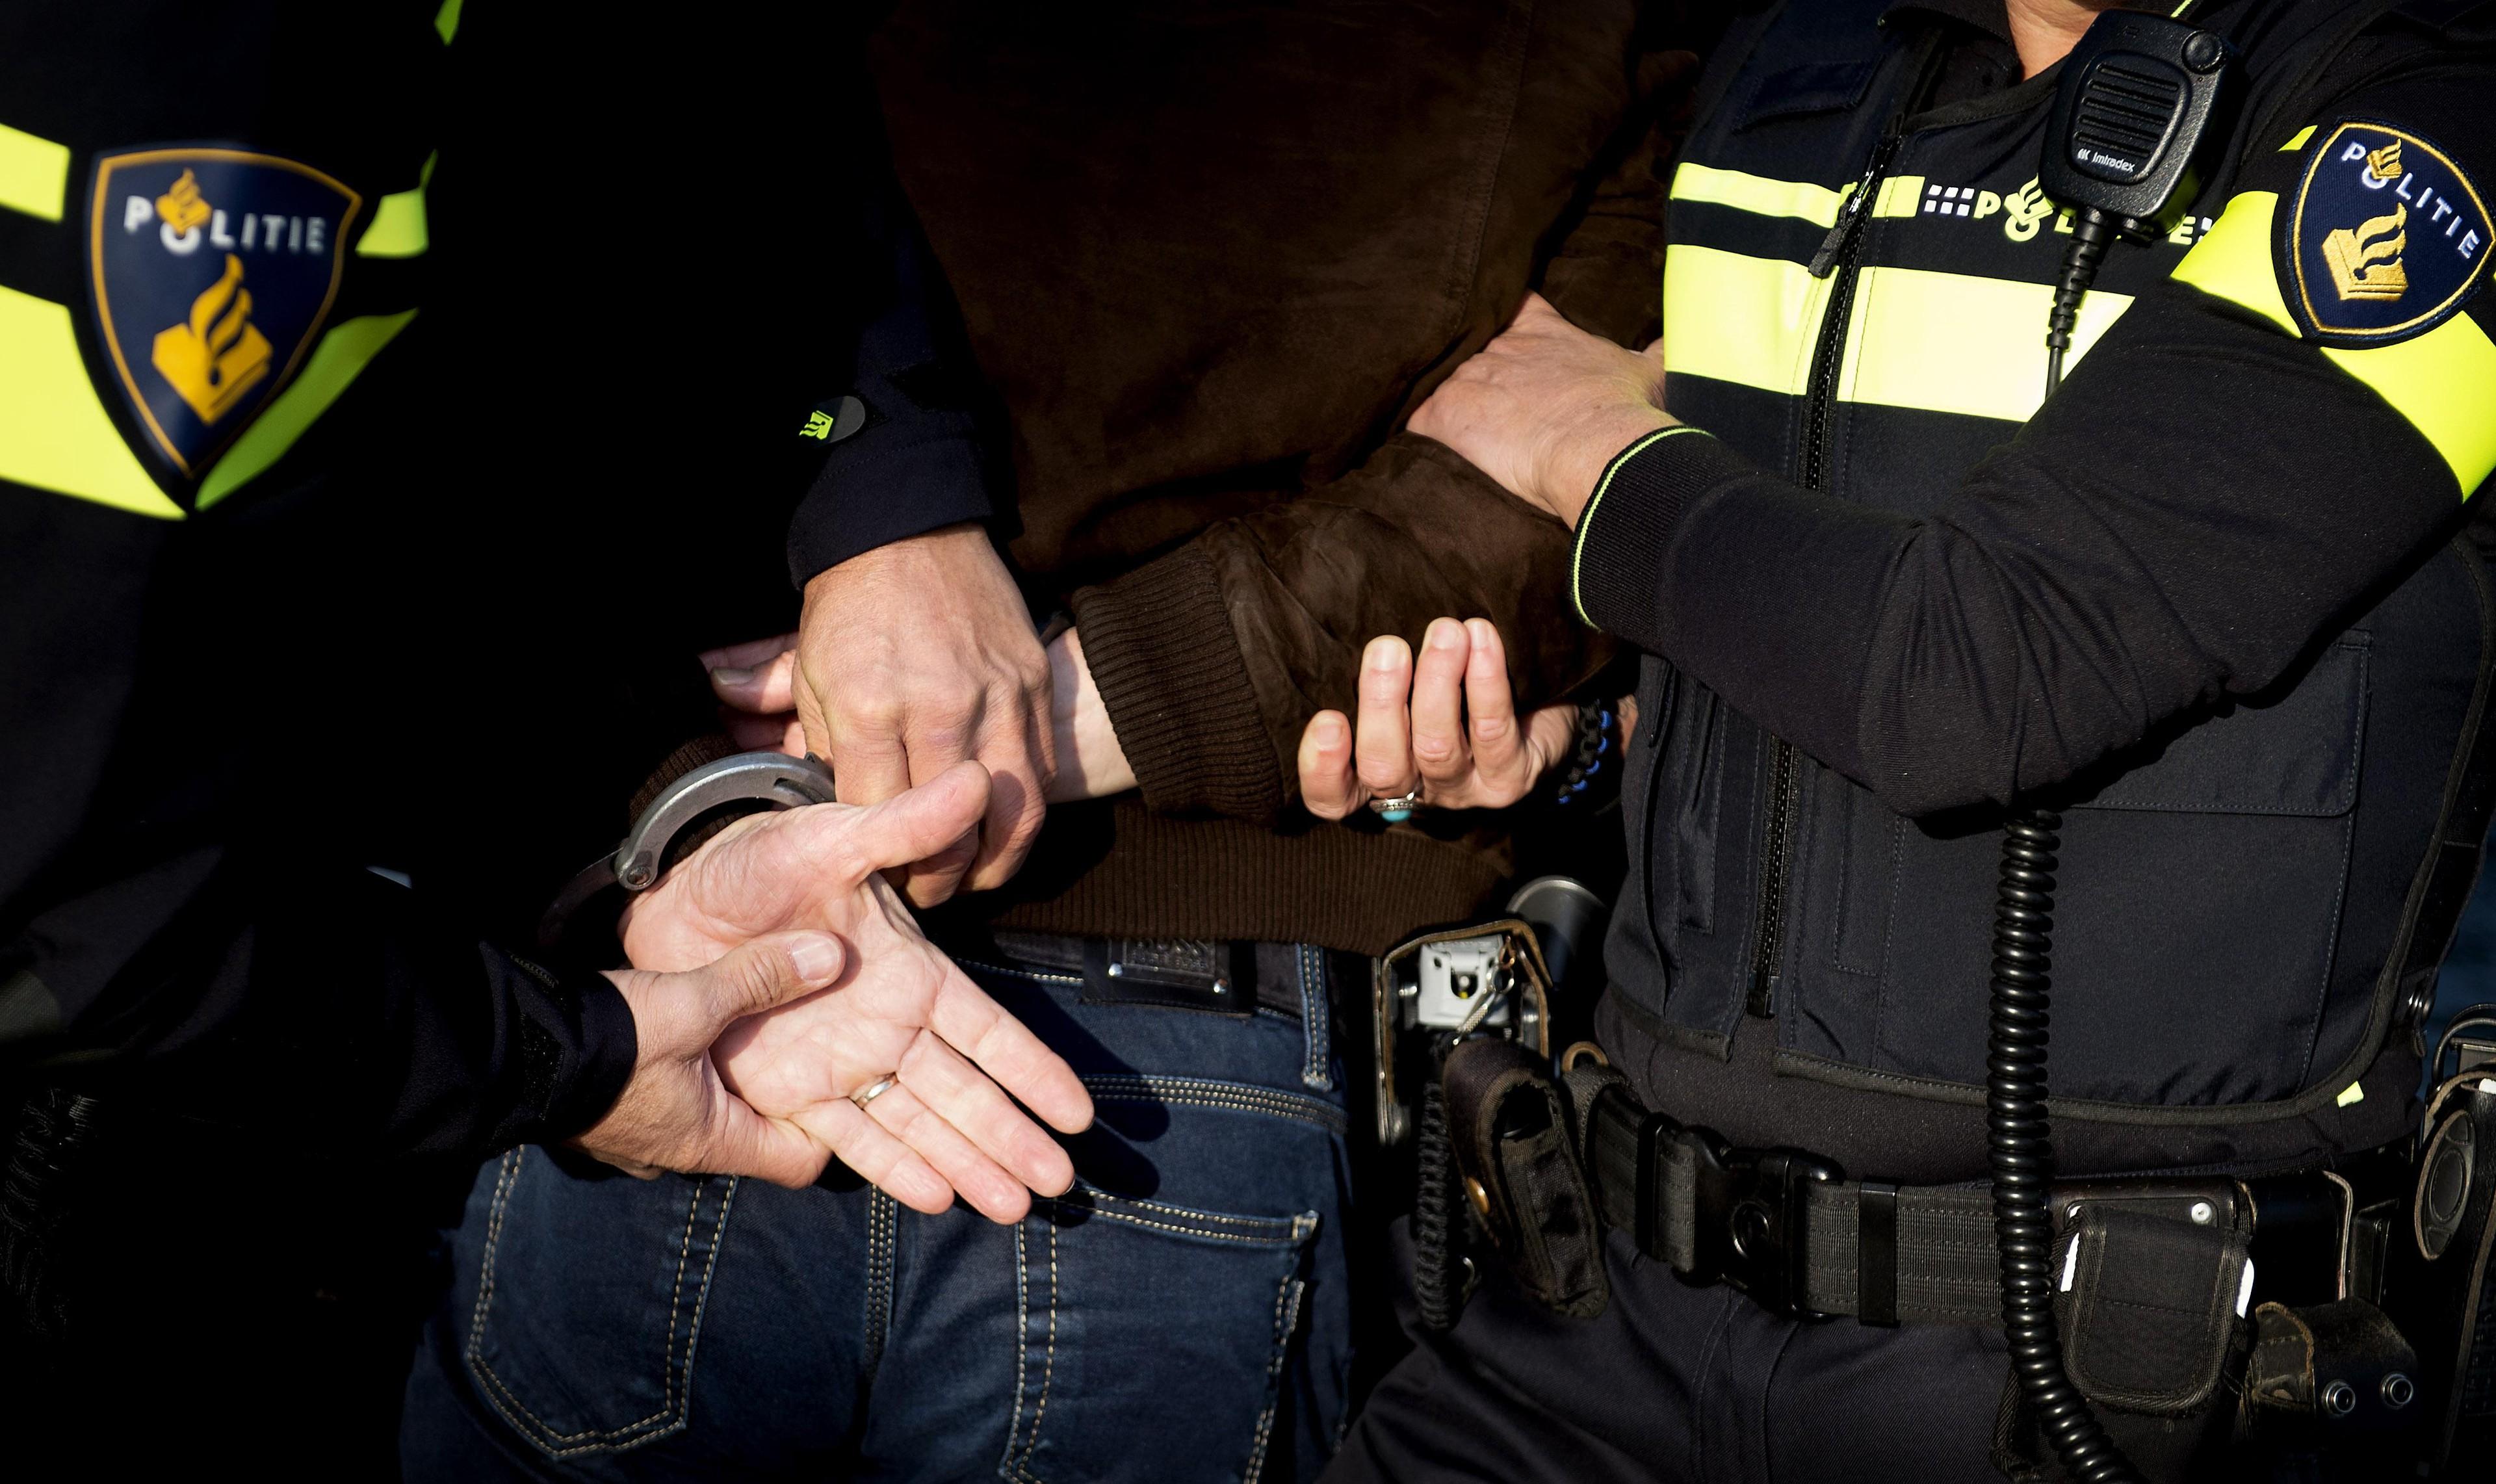 Man spuugt agent in gezicht in uitgaansgebied Alkmaar - Noordhollands Dagblad